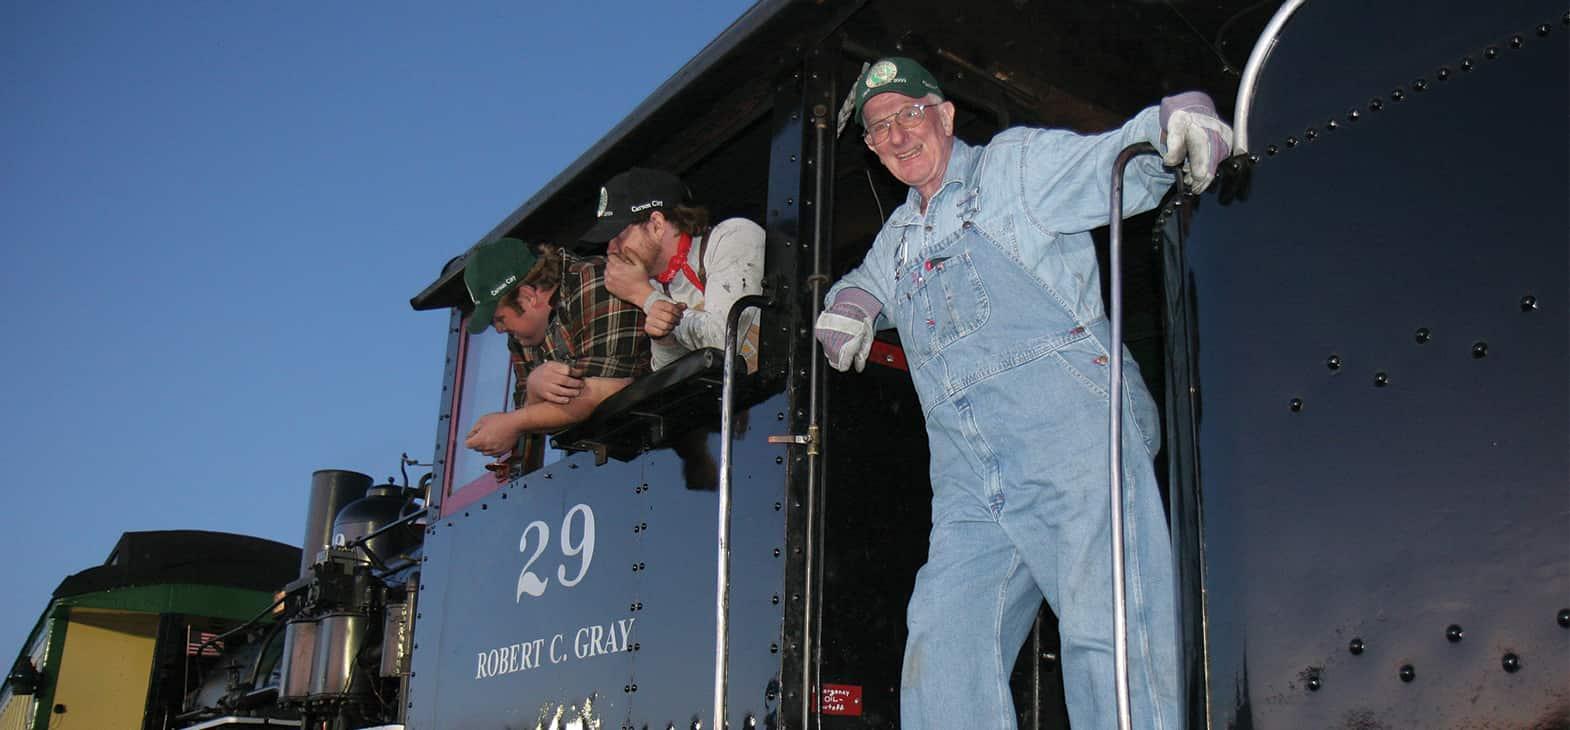 V&T Railway Carson City to Virginia City